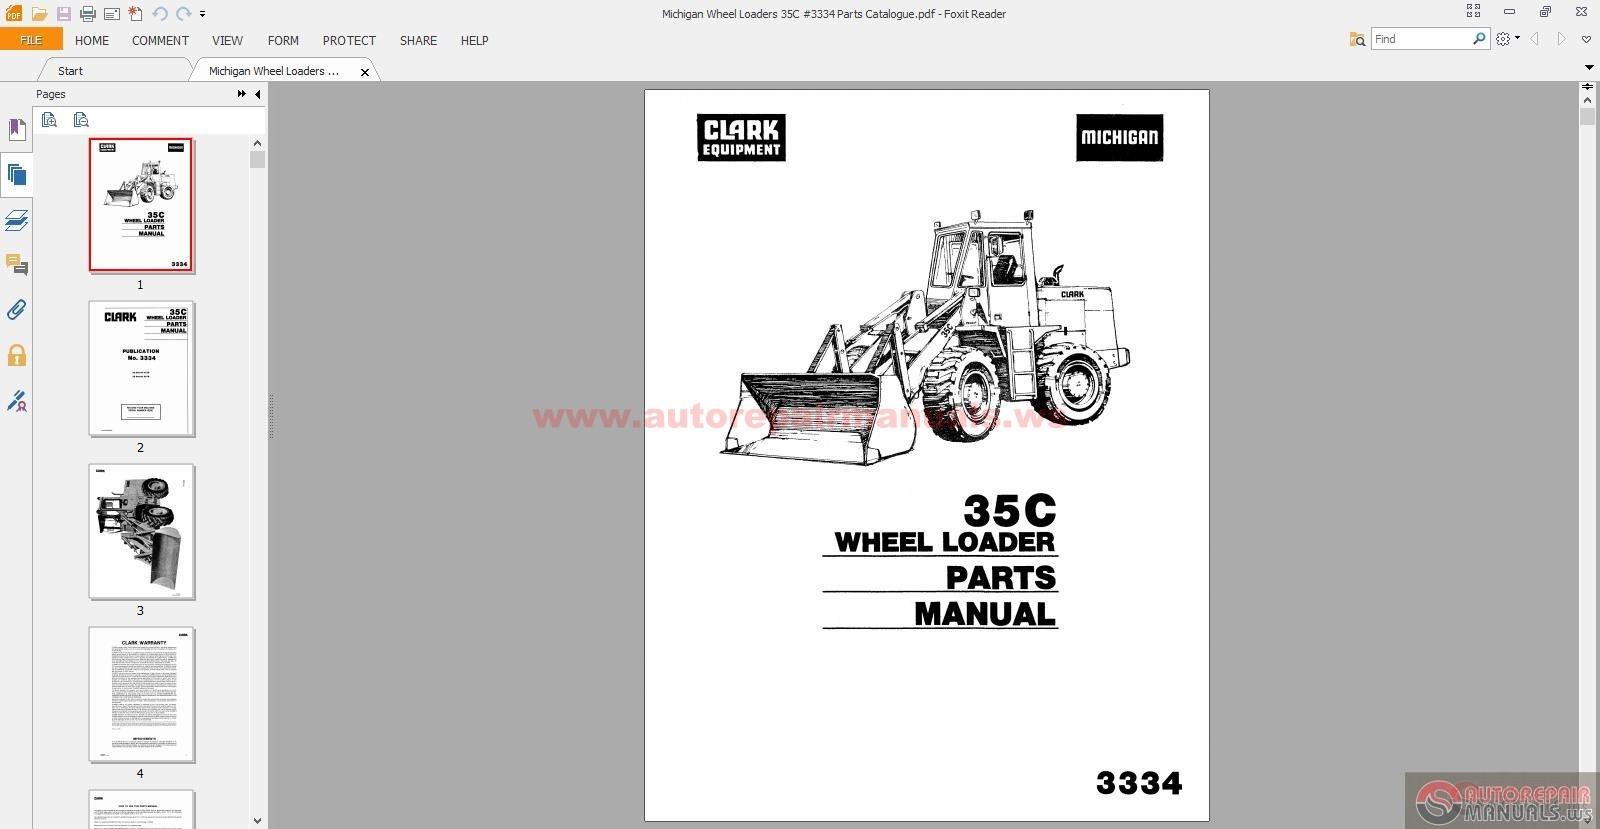 Michigan Wheel Loaders 35c  3334 Parts Catalogue